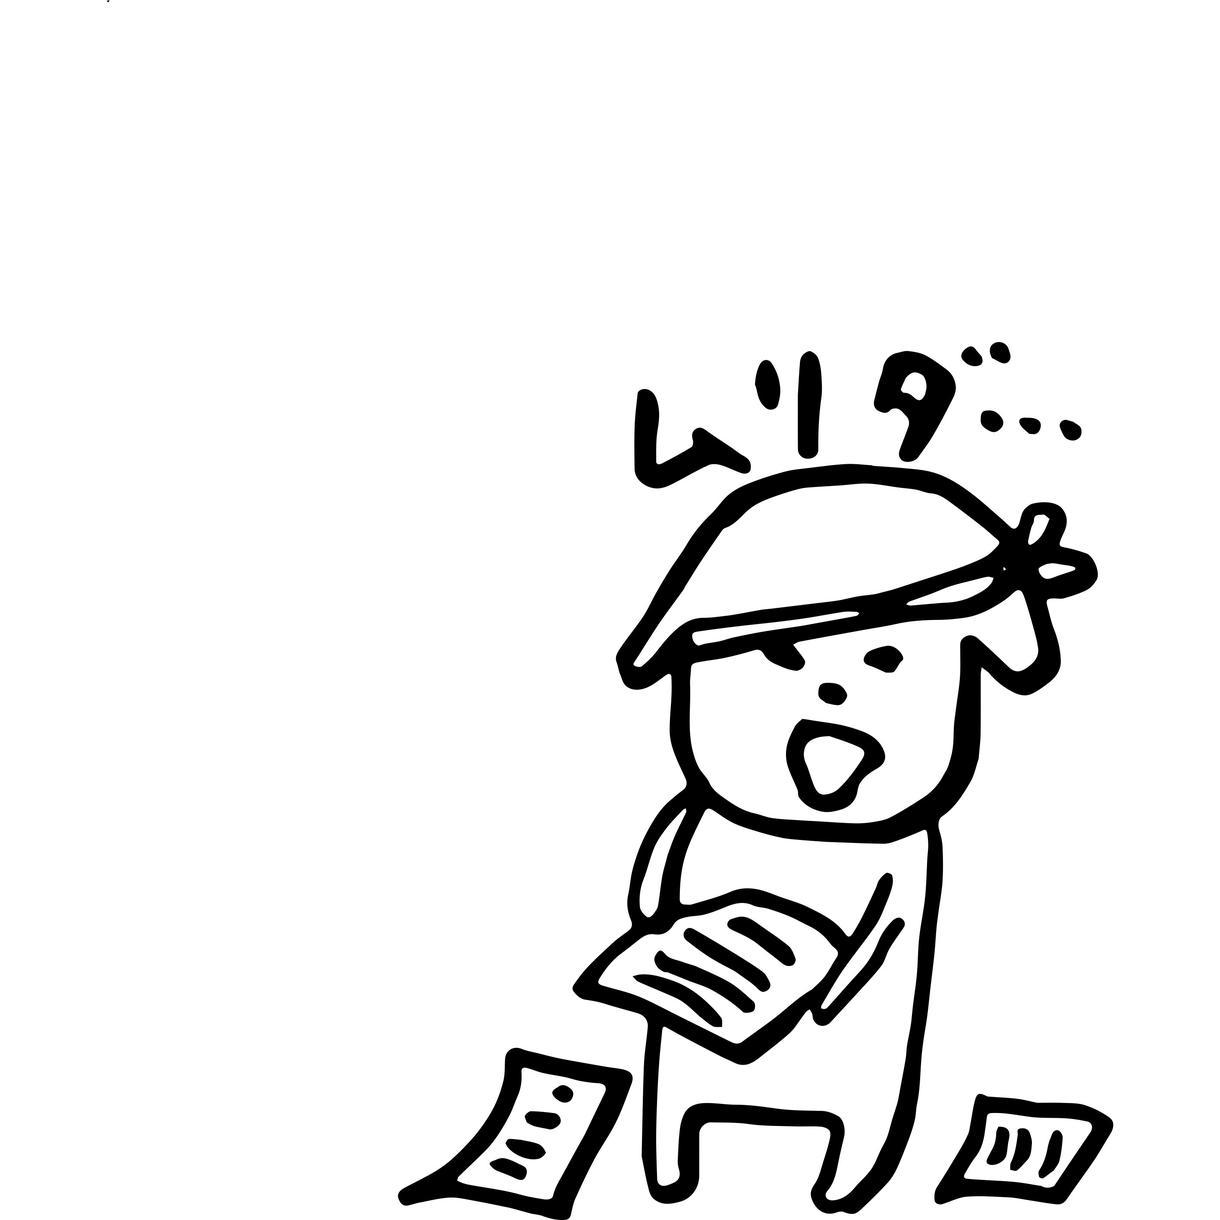 アイコンに使える!ゆるいイラスト手書き文字かきます SNSやLINEのアイコンをオリジナルイラストにしませんか?